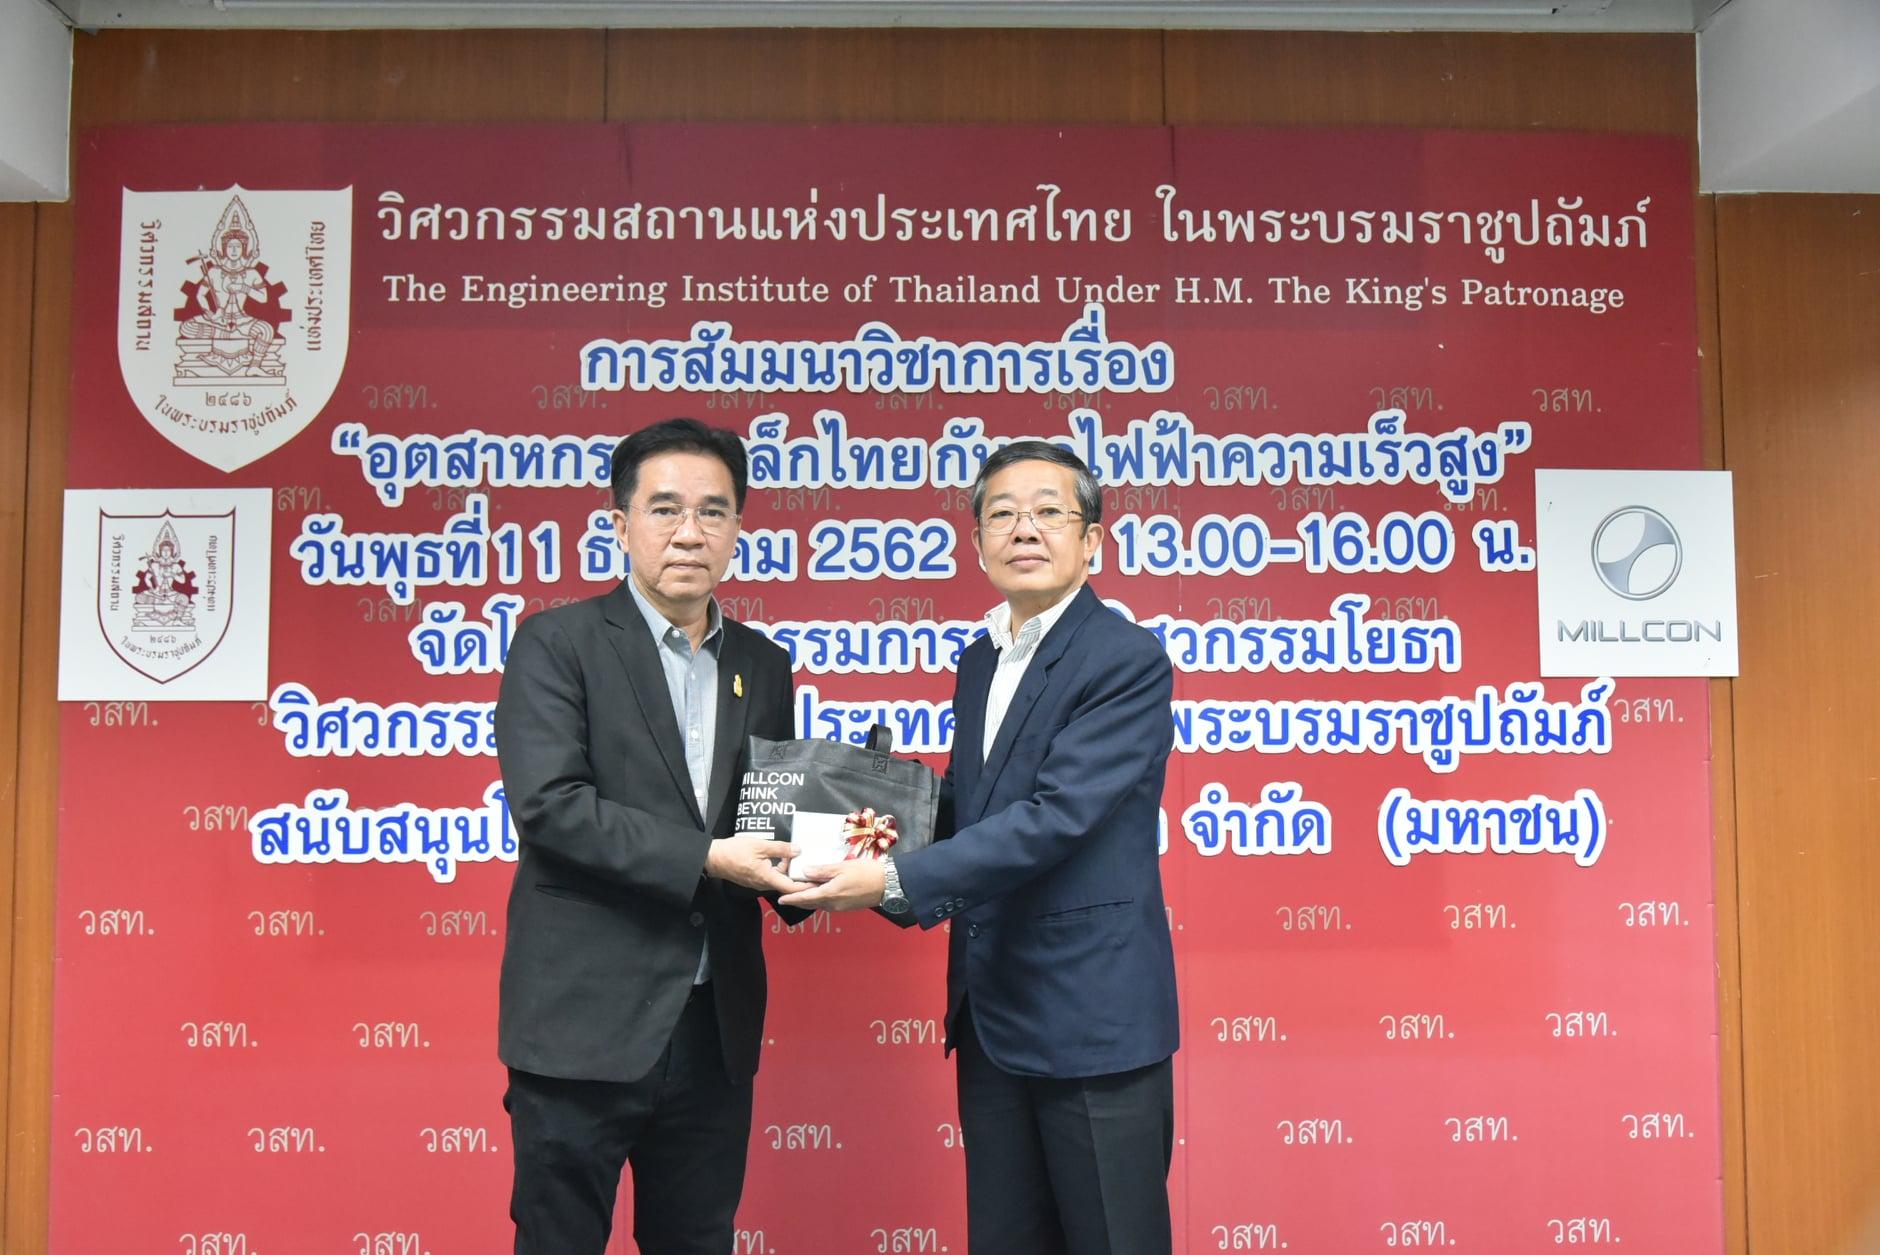 """คณะกรรมการสาขาวิศวกรรมโยธา วิศวกรรมสถานแห่งประเทศไทยฯ (วสท.) ร่วมกับบริษัท มิลล์คอน สตีล จำกัด (มหาชน) จัดสัมมนาเรื่อง """"อุตสาหกรรมเหล็กไทยกับรถไฟฟ้าความเร็วสูง"""""""